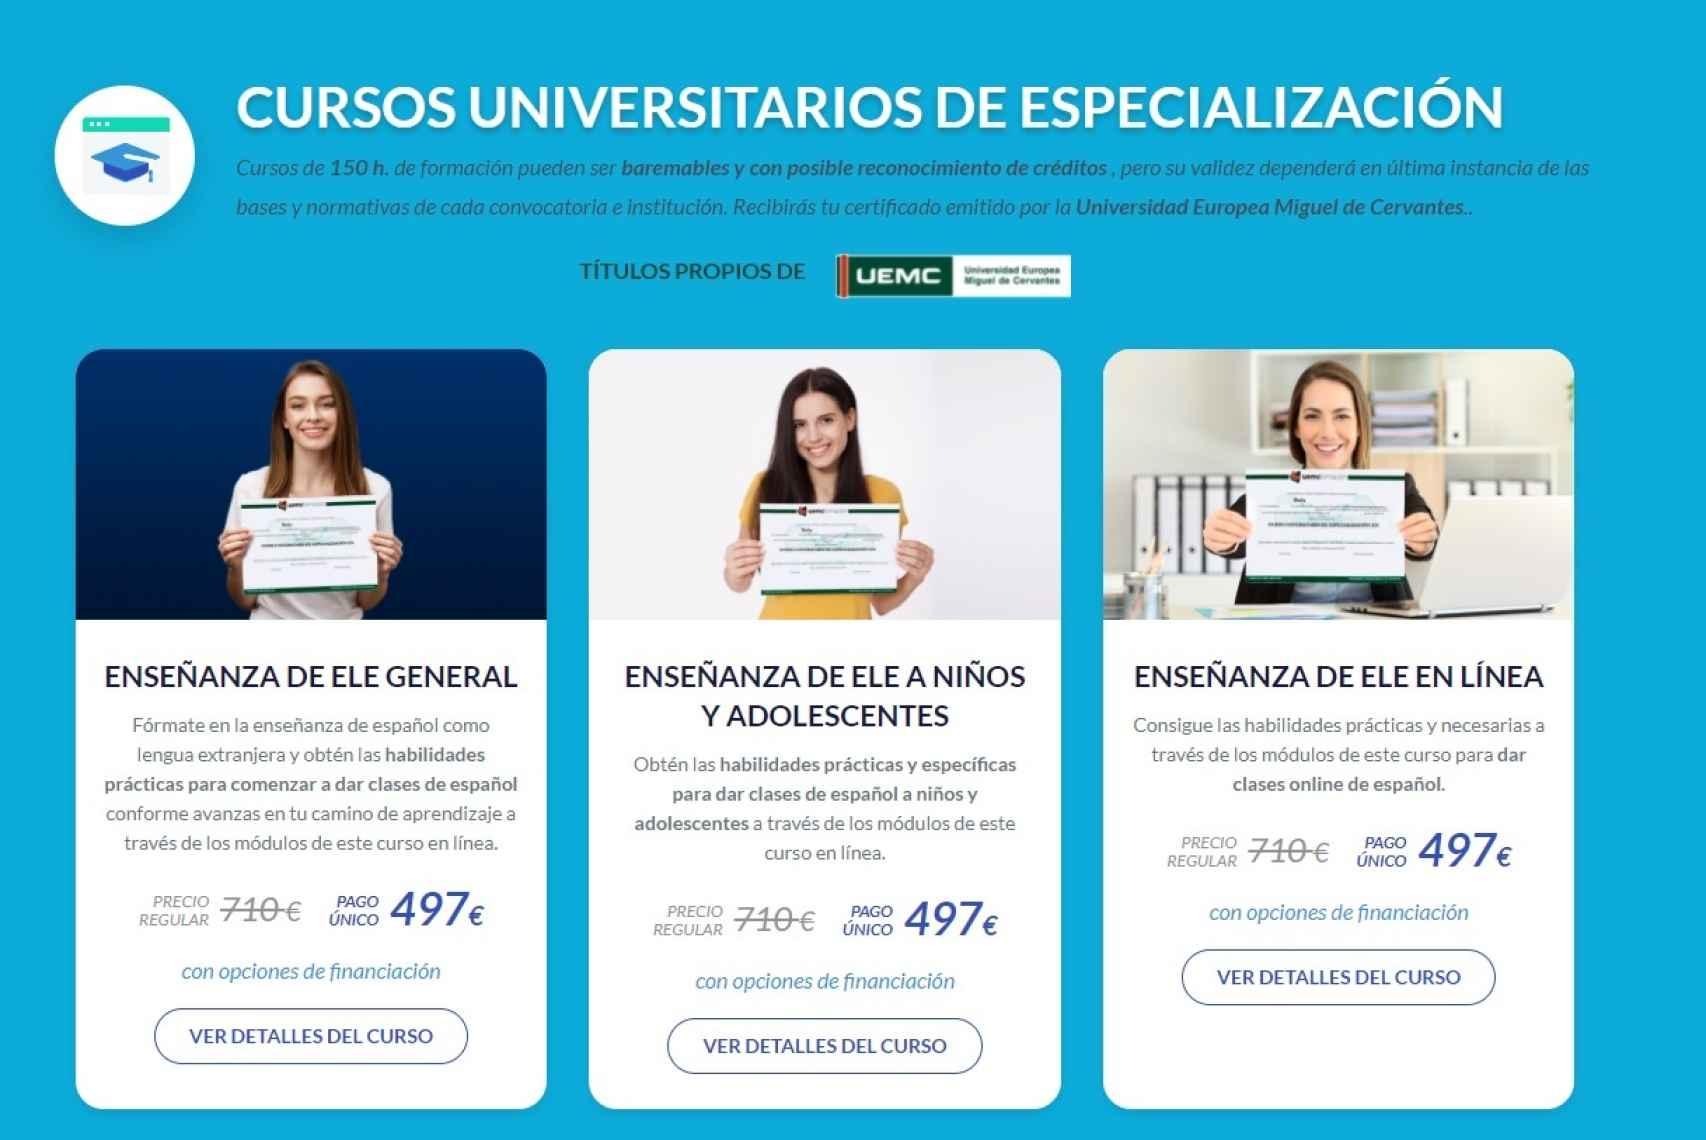 El precio de los cursos es de 710 euros.